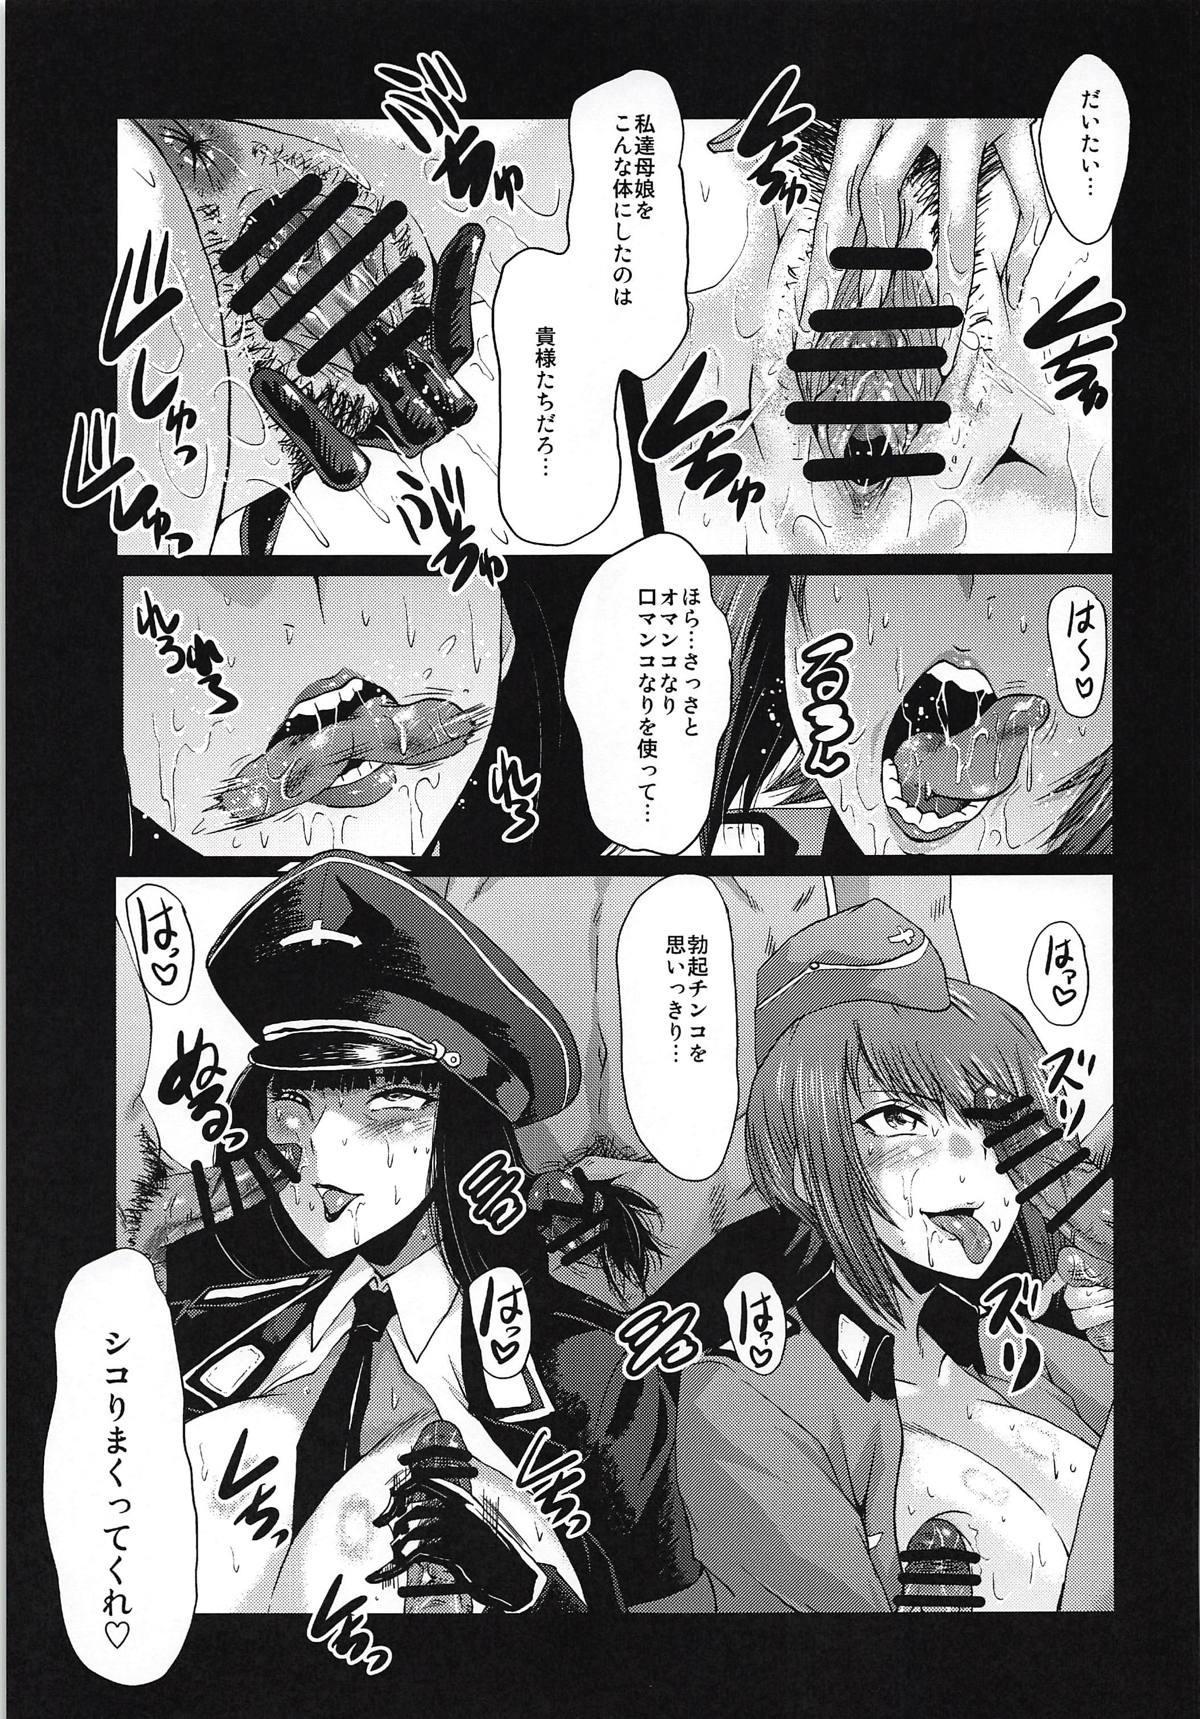 Urabambi Vol. 57 Taihai no Koutetsu Fujin 5